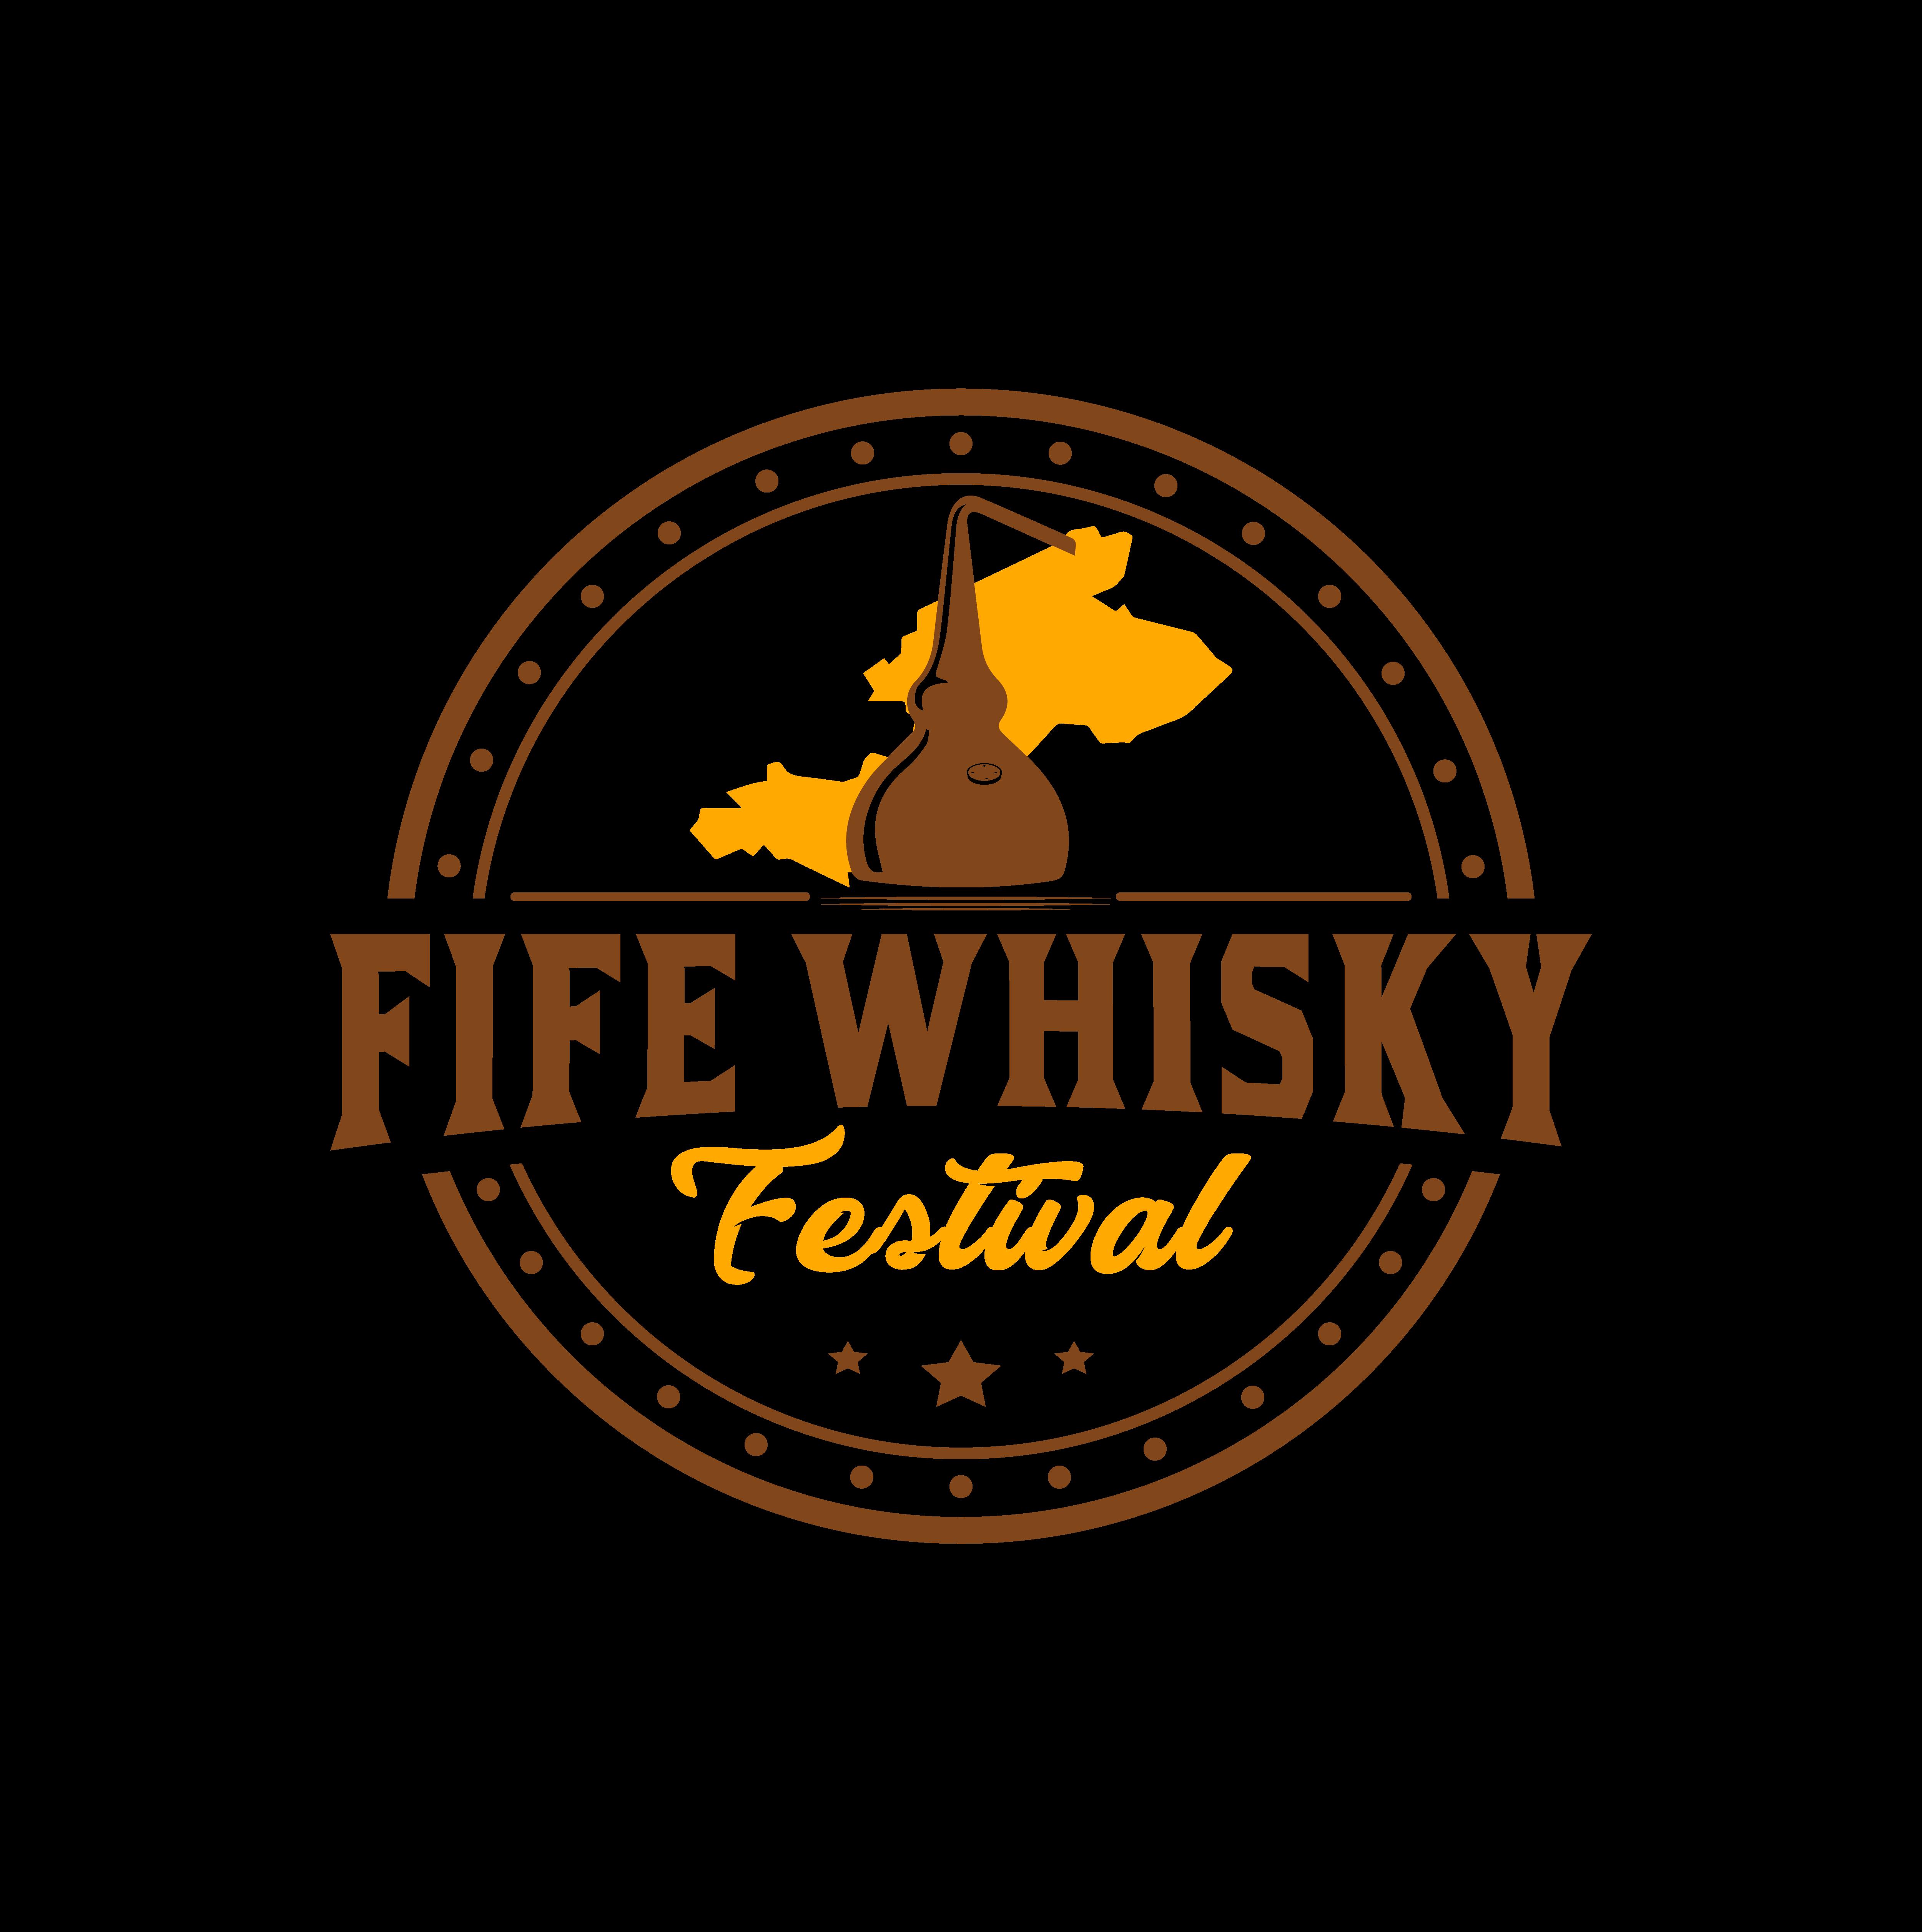 Fife Whisky Festival logo